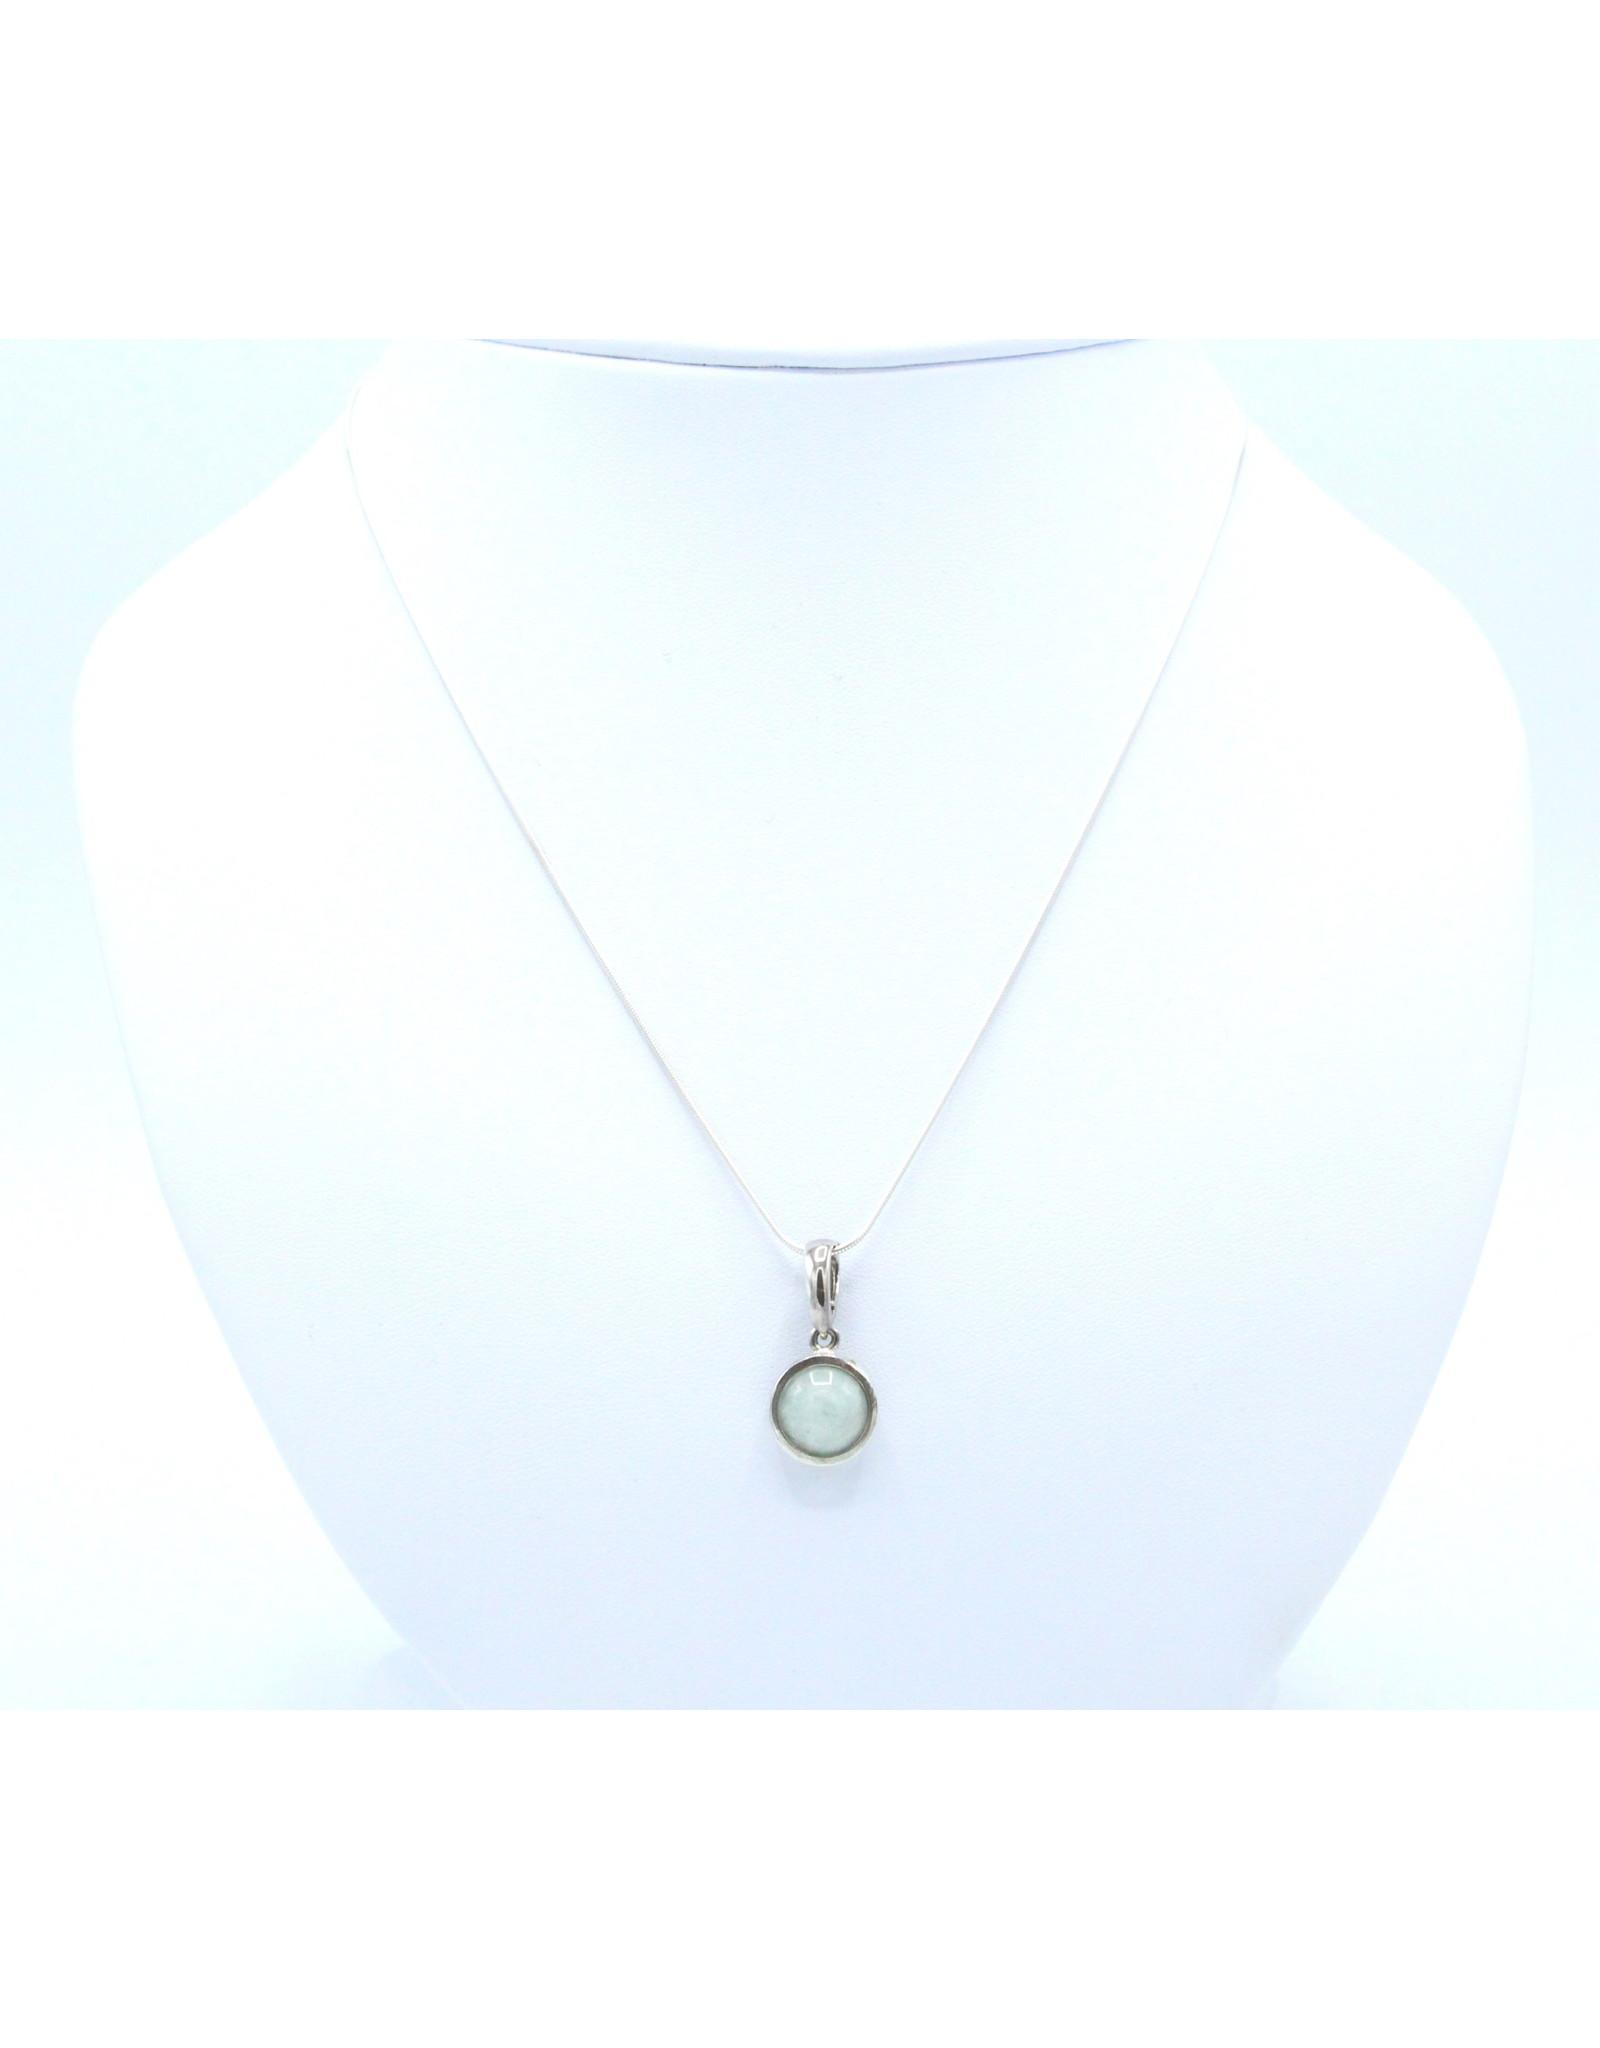 Aquamarine Pendant - 1